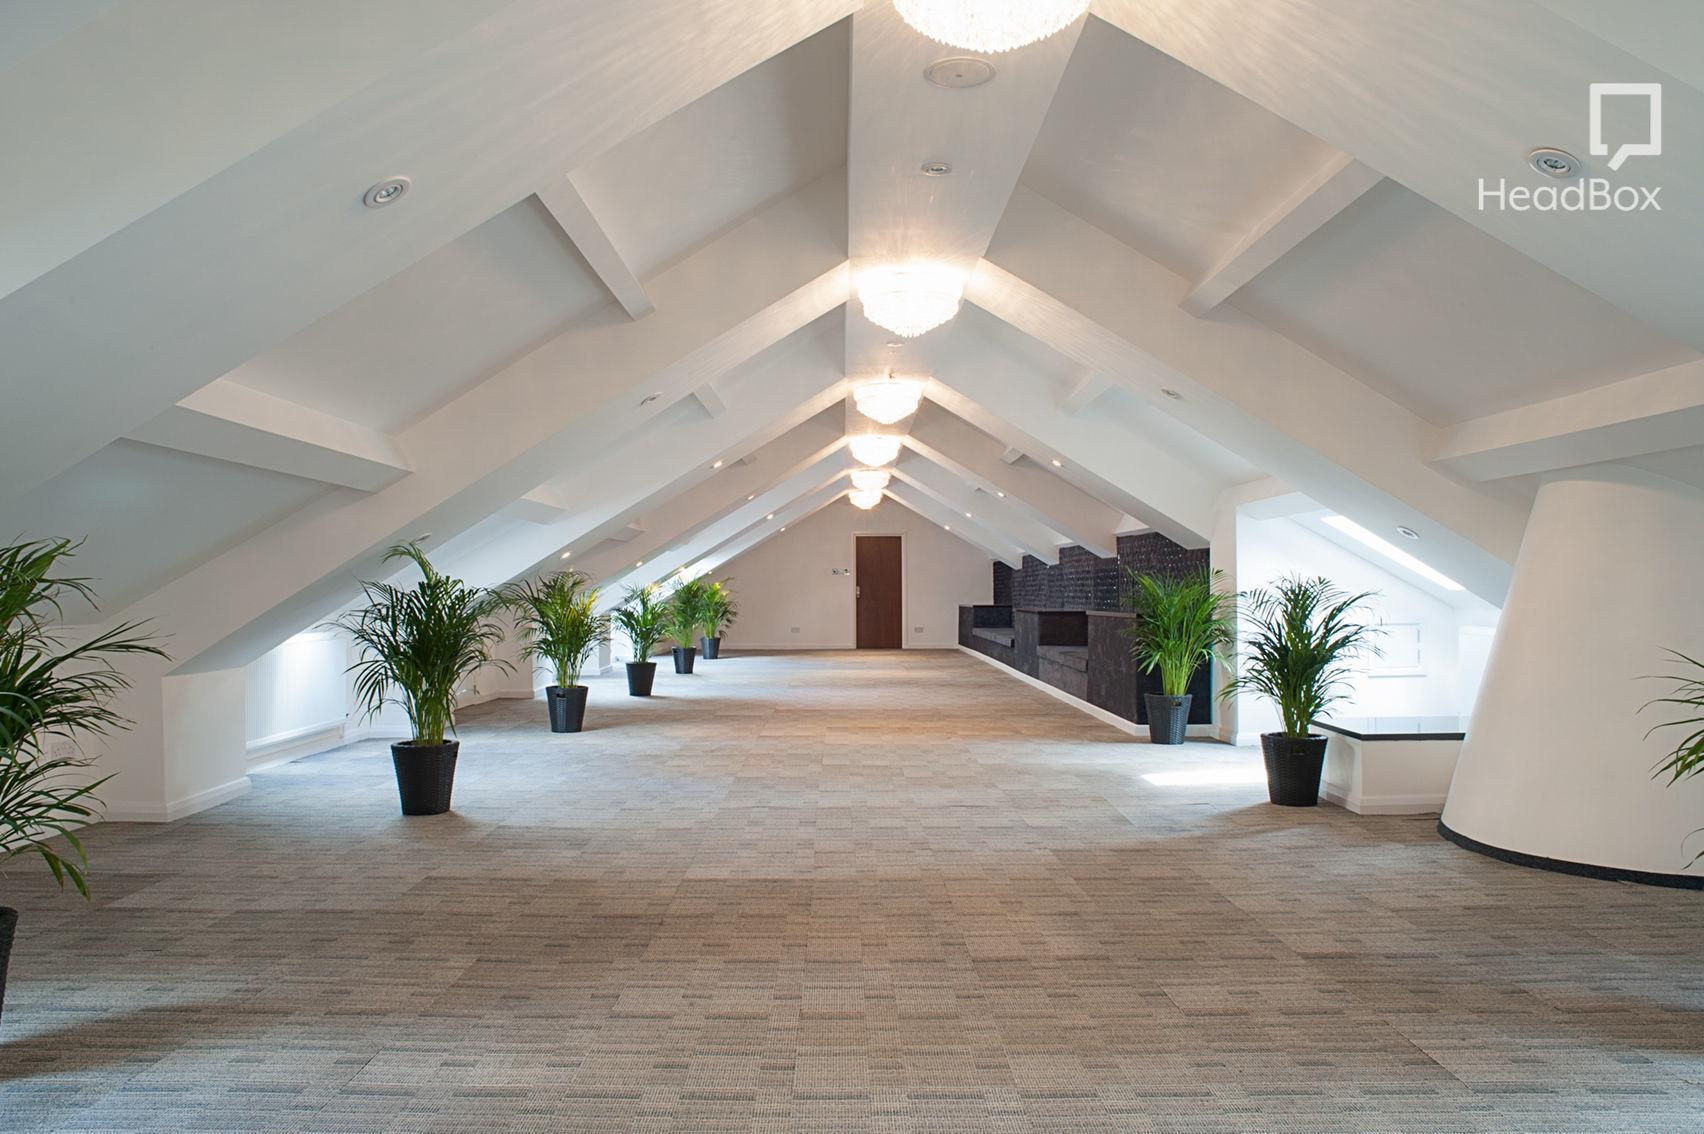 Space B, The Atrium